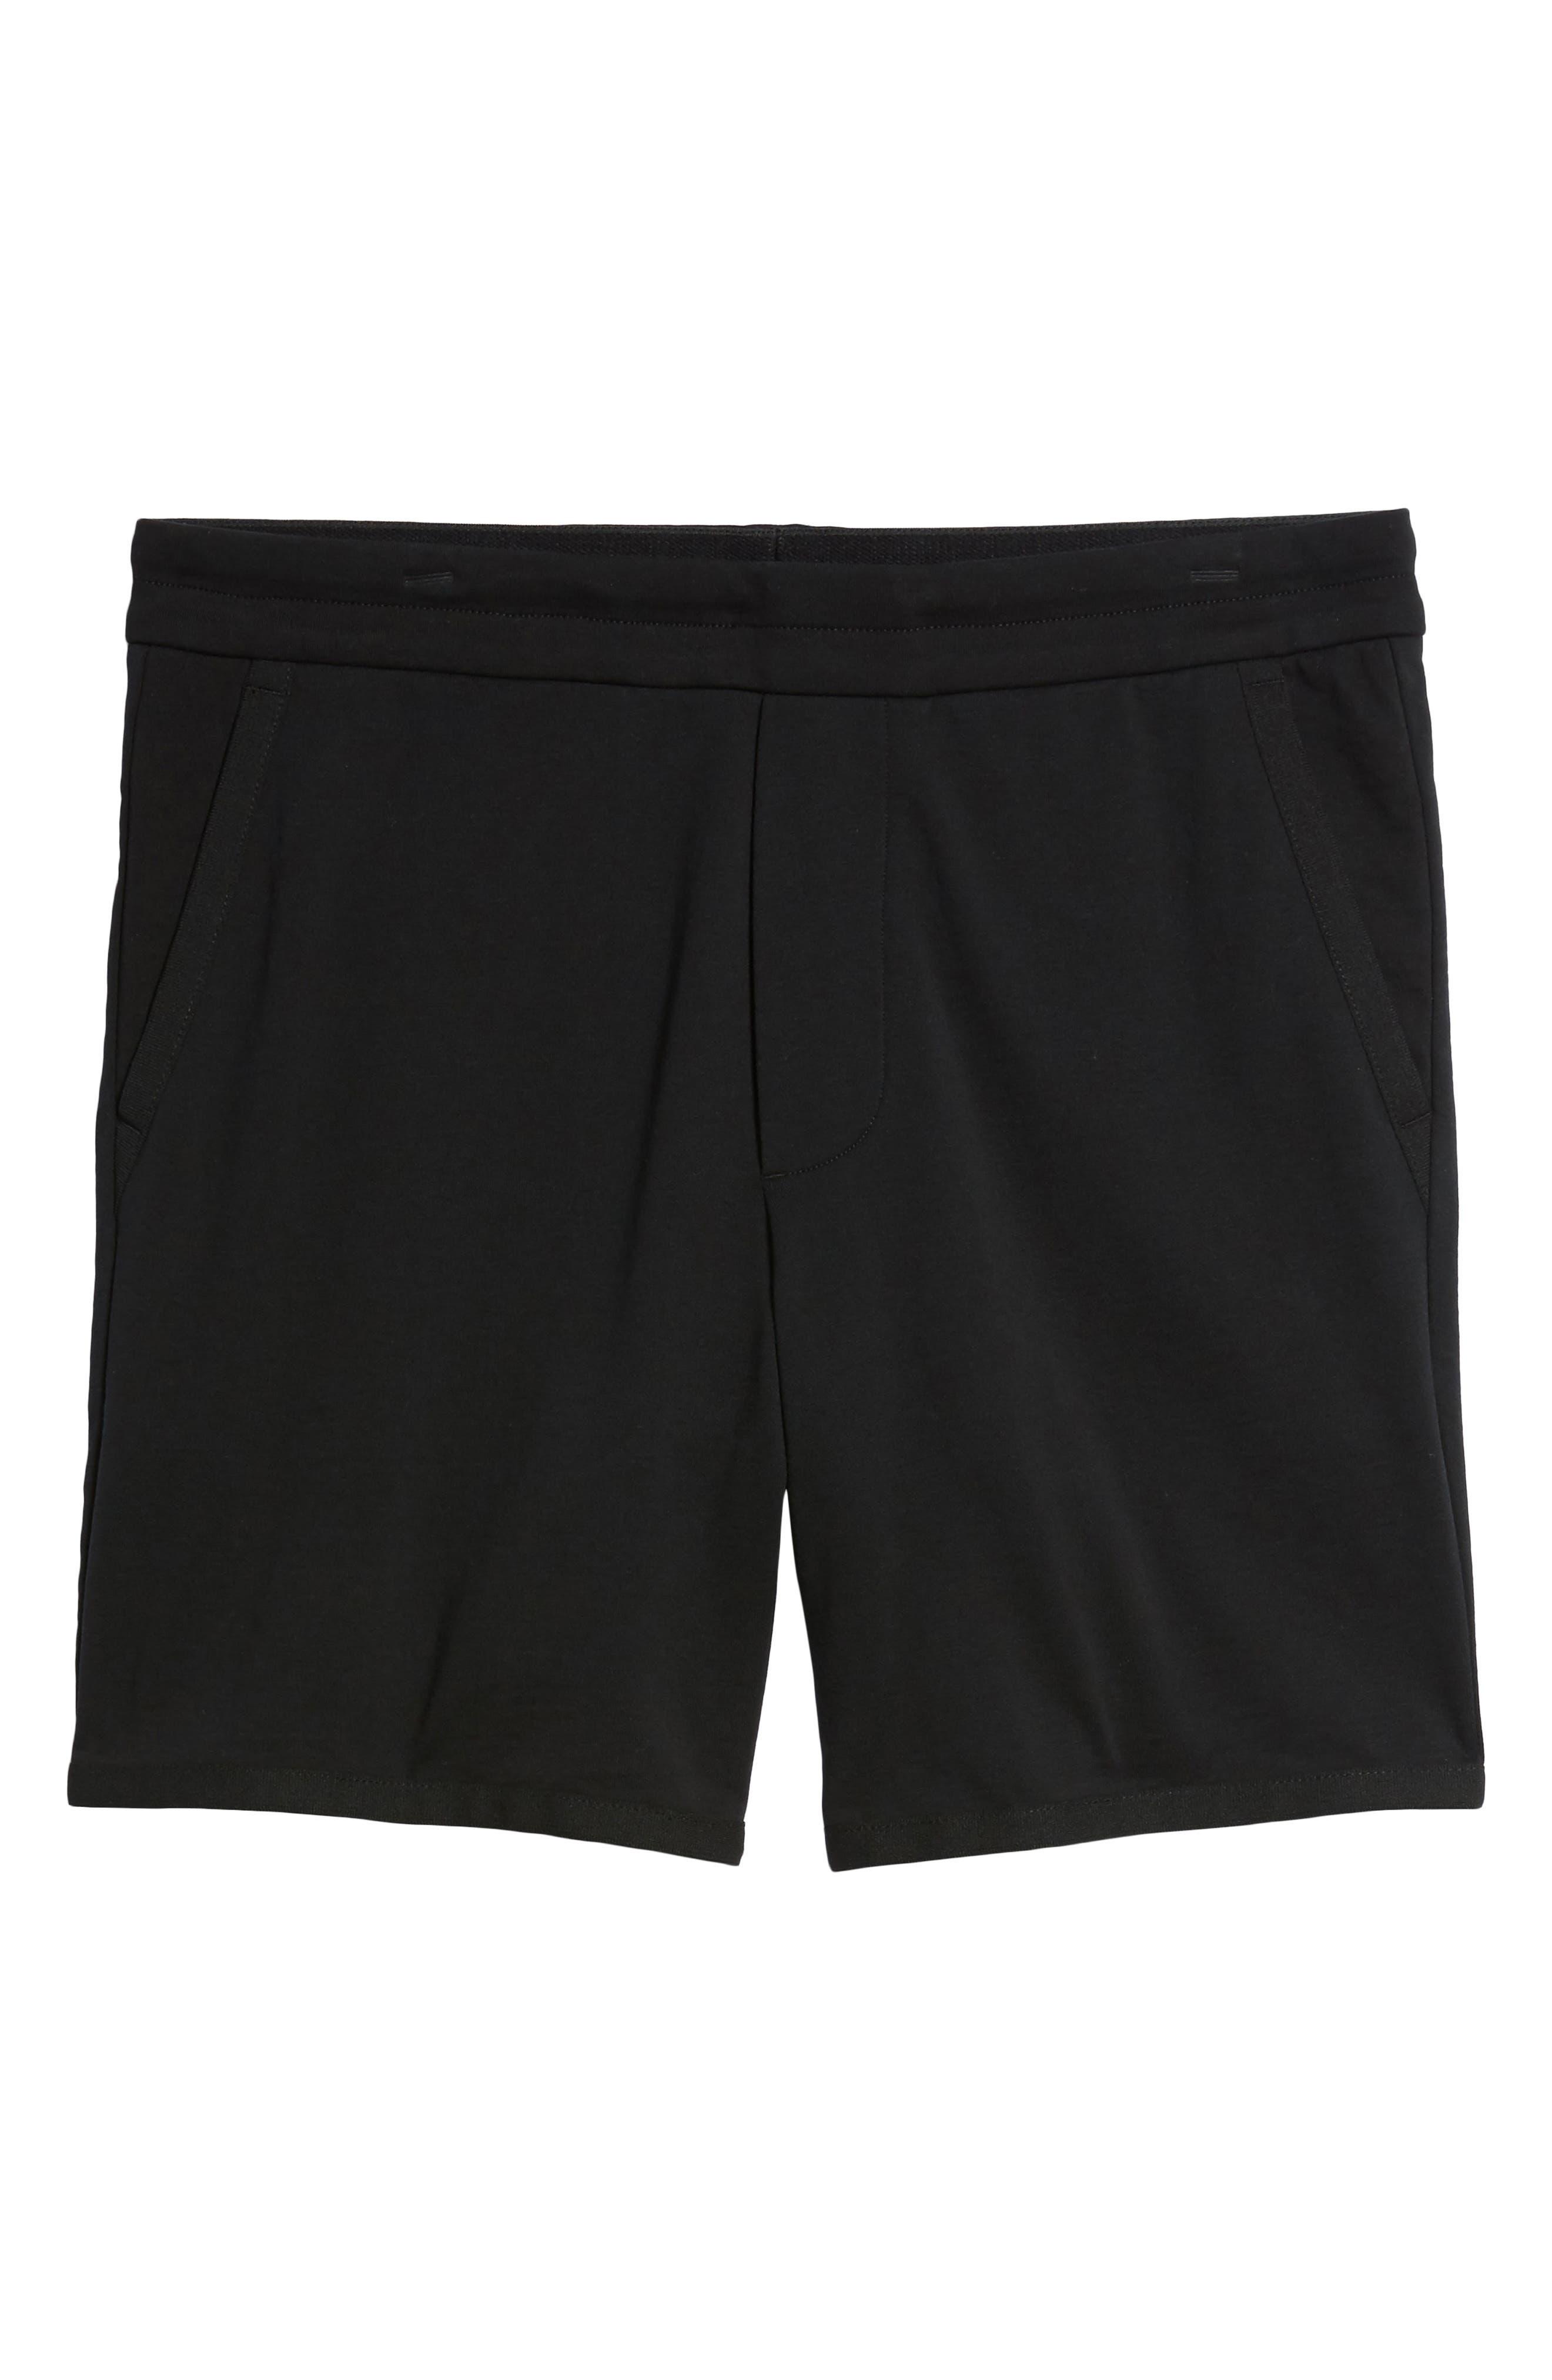 Taped Slim Fit Track Shorts,                             Alternate thumbnail 6, color,                             Black/ Black